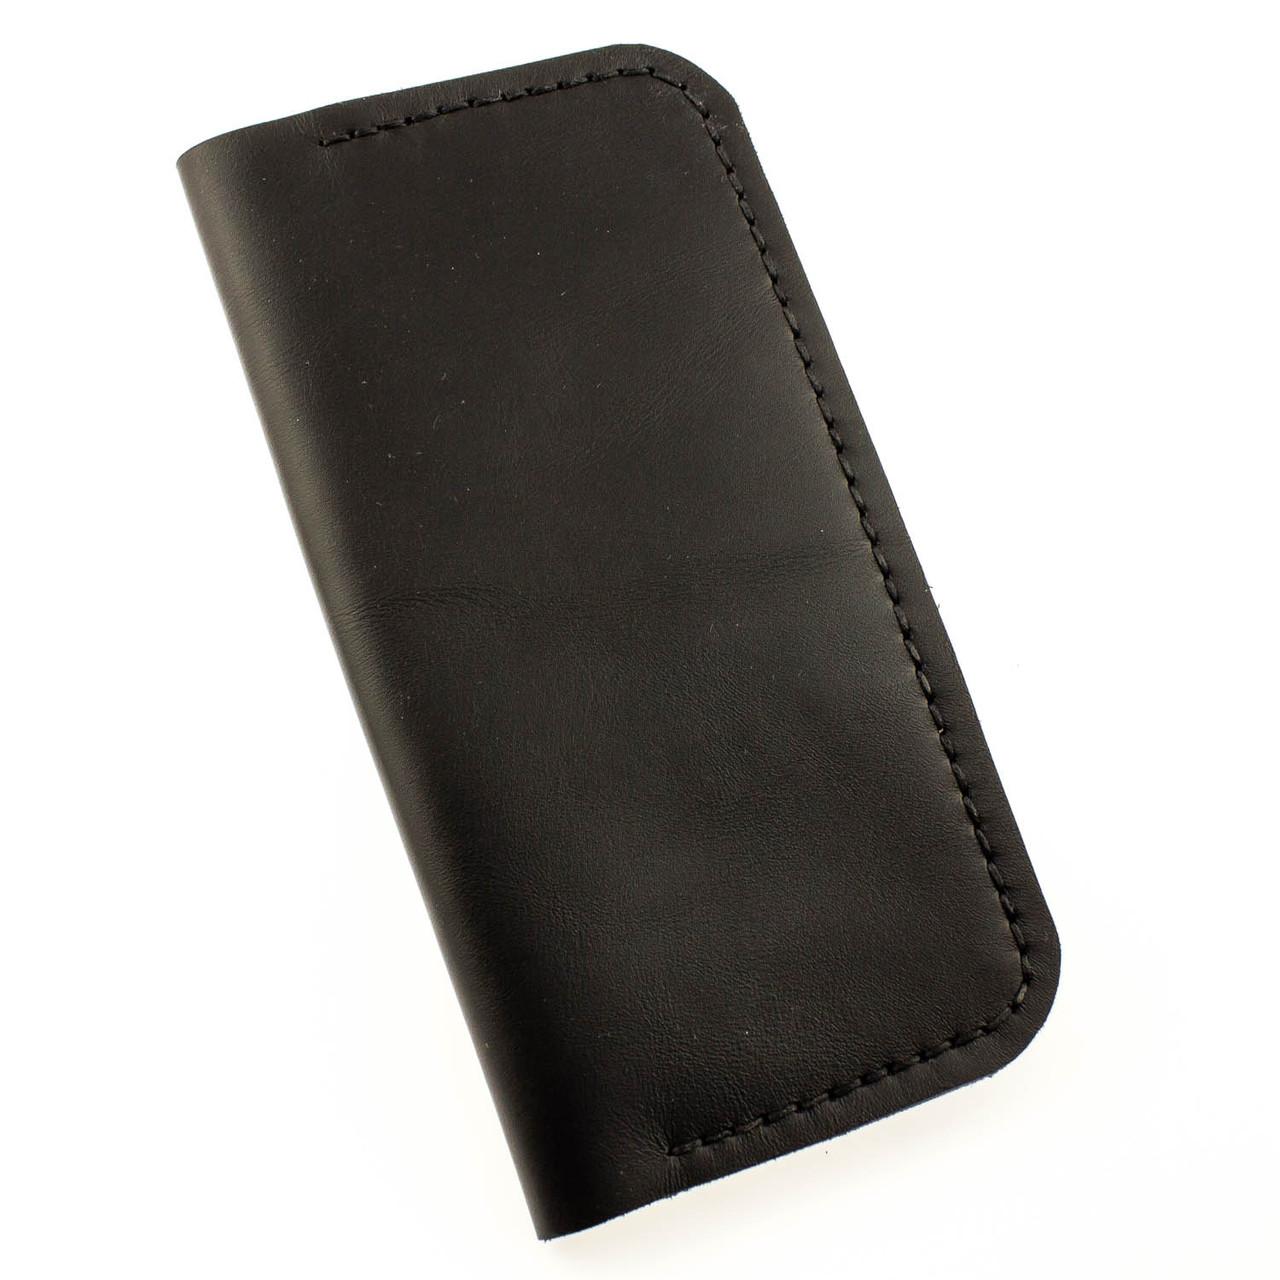 841d3f6eb150 Мужской кошелек портмоне из натуральной кожи ручной работы Revier черный  для денег и телефона - megastore